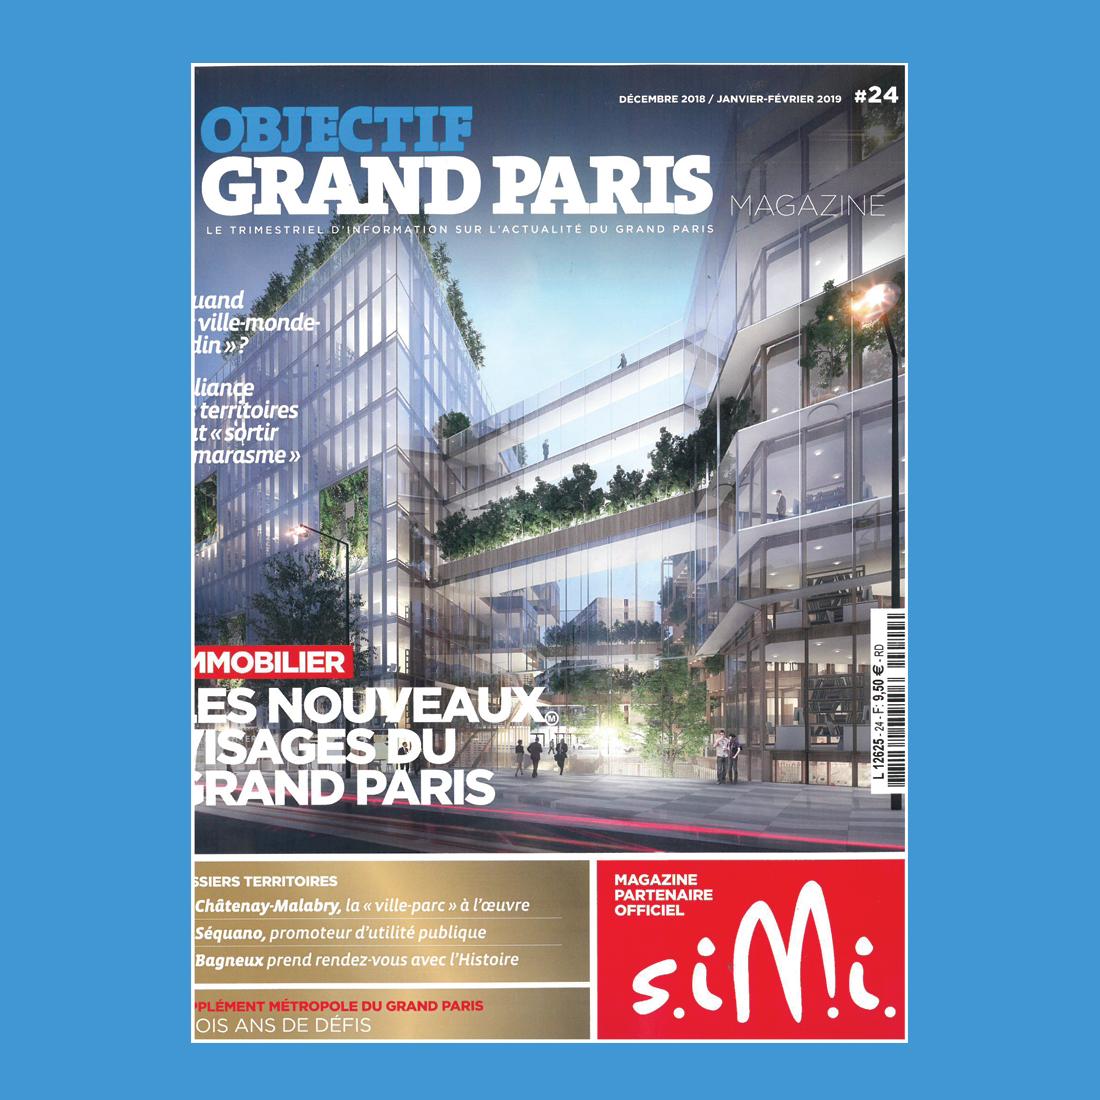 OBJECTIF GRAND PARIS N°24 | Brenac & Gonzalez et Associés